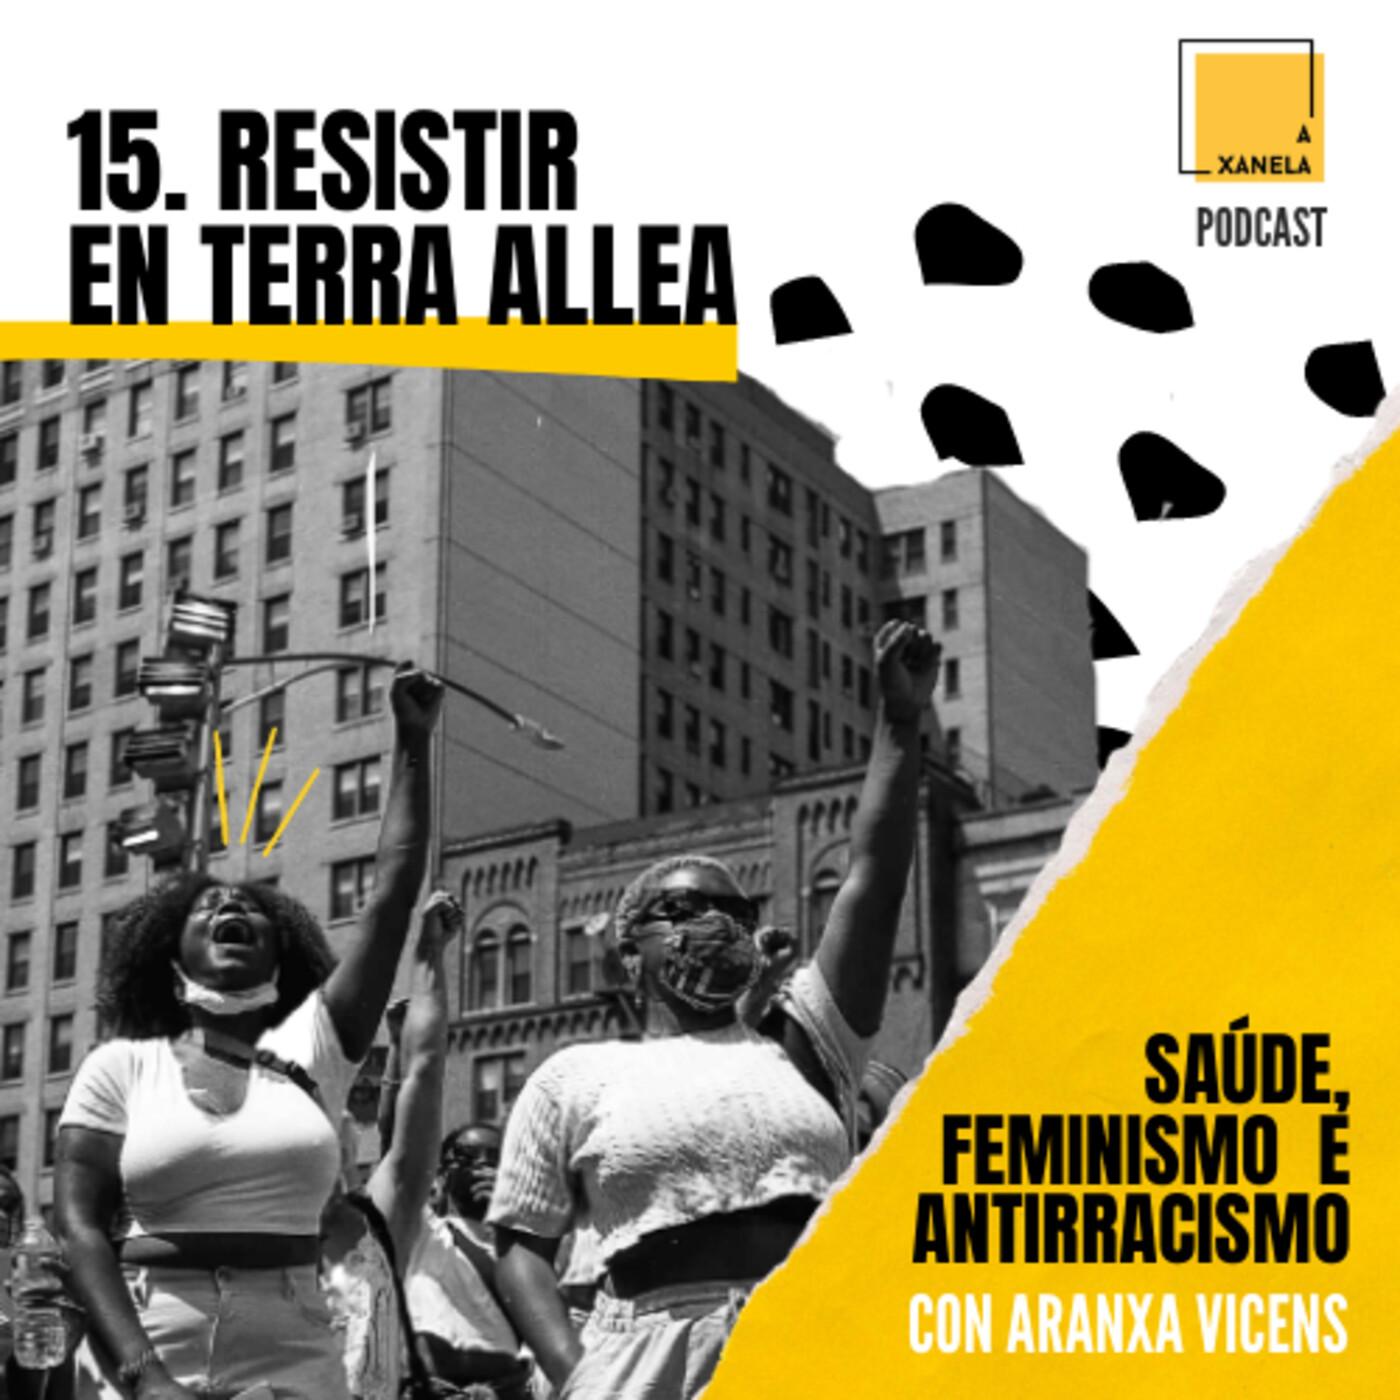 15. Resistir en terra allea. Saúde, feminismo e antirracismo.